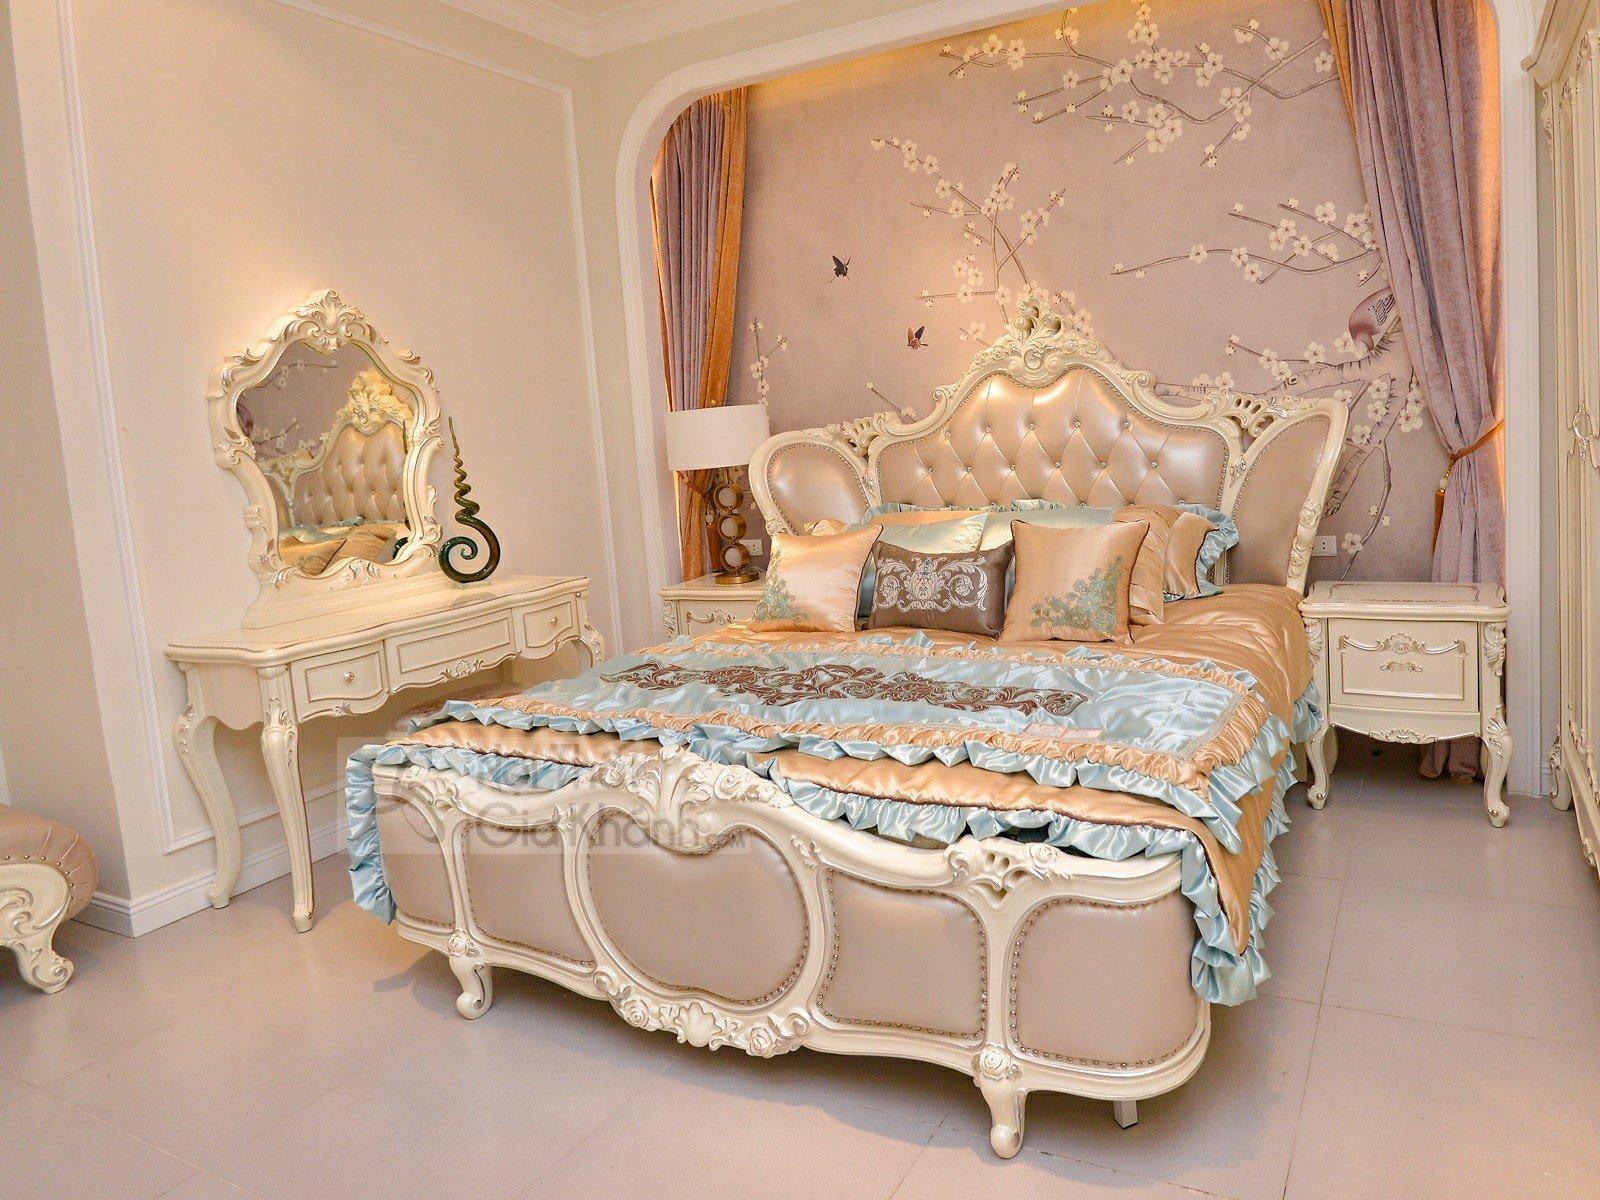 Giường Ngủ Tân Cổ Điển Đẹp Nhập Khẩu GI8818H